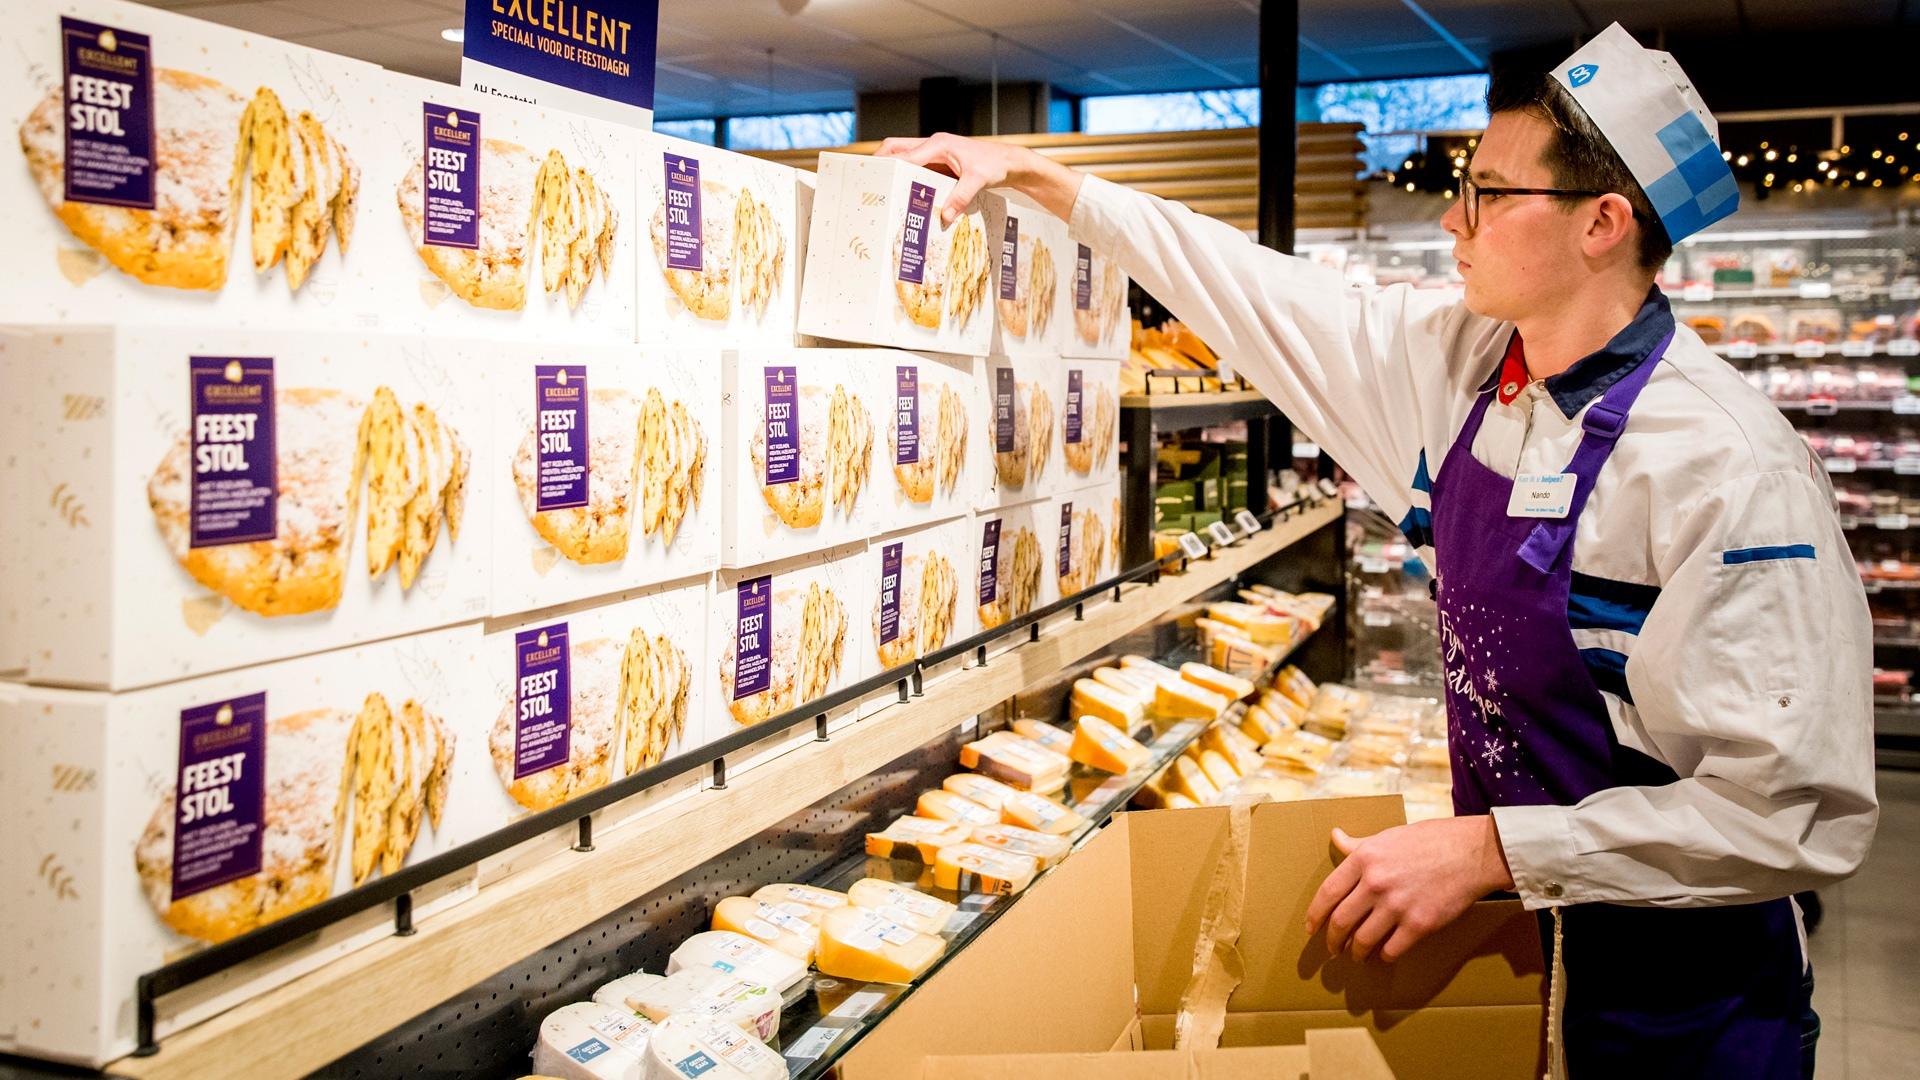 Overzicht openingstijden supermarkten Oudjaarsdag Nieuwjaarsdag 2019 2020 jaarwisseling albert heijn